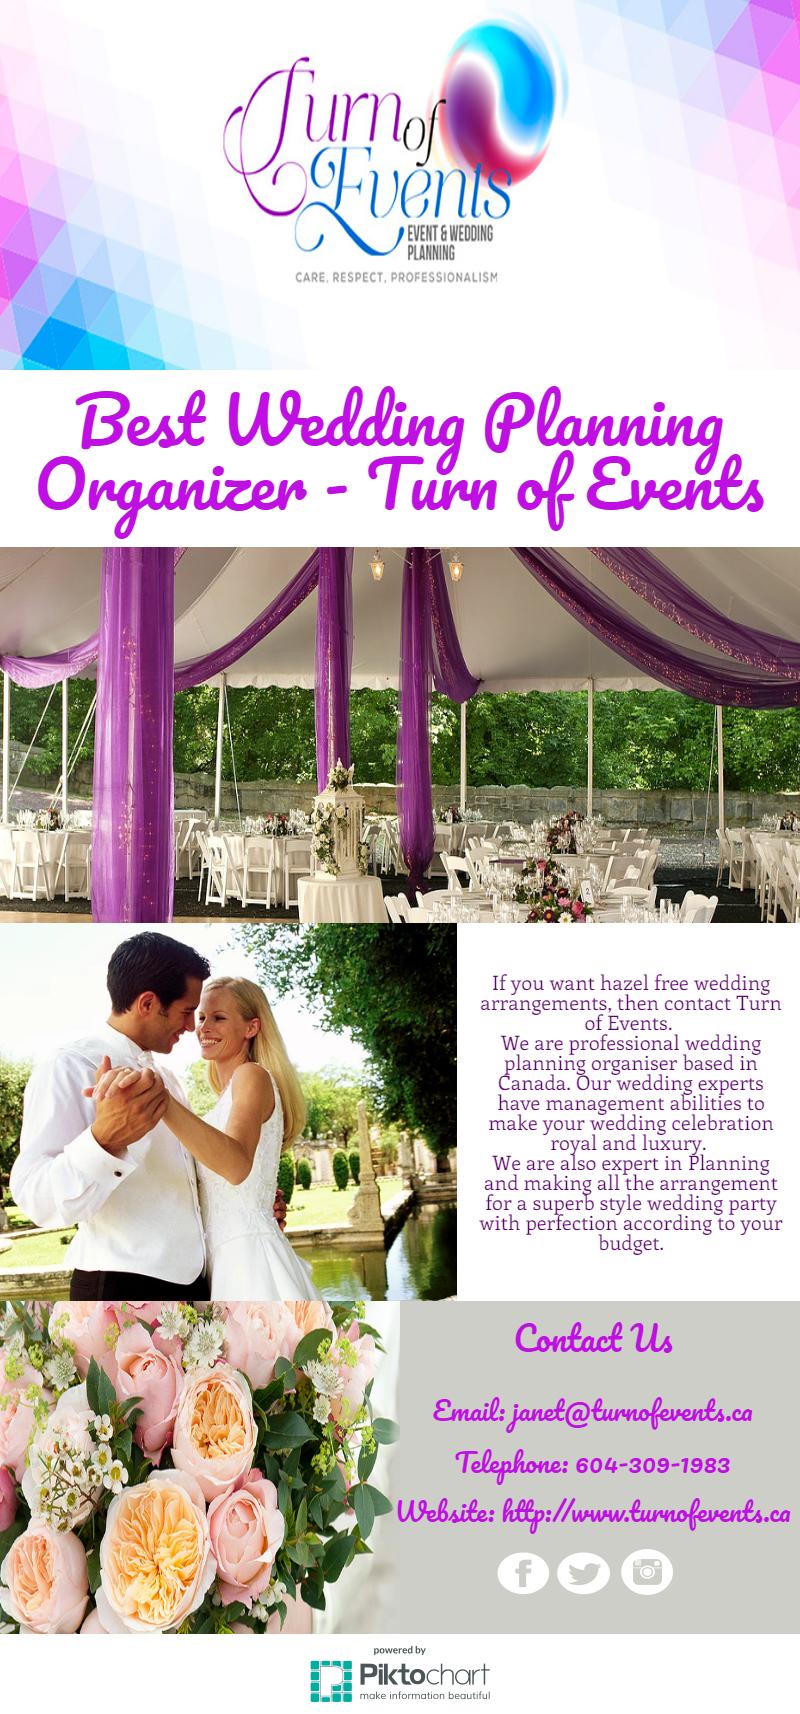 Best Wedding Planning Organizer